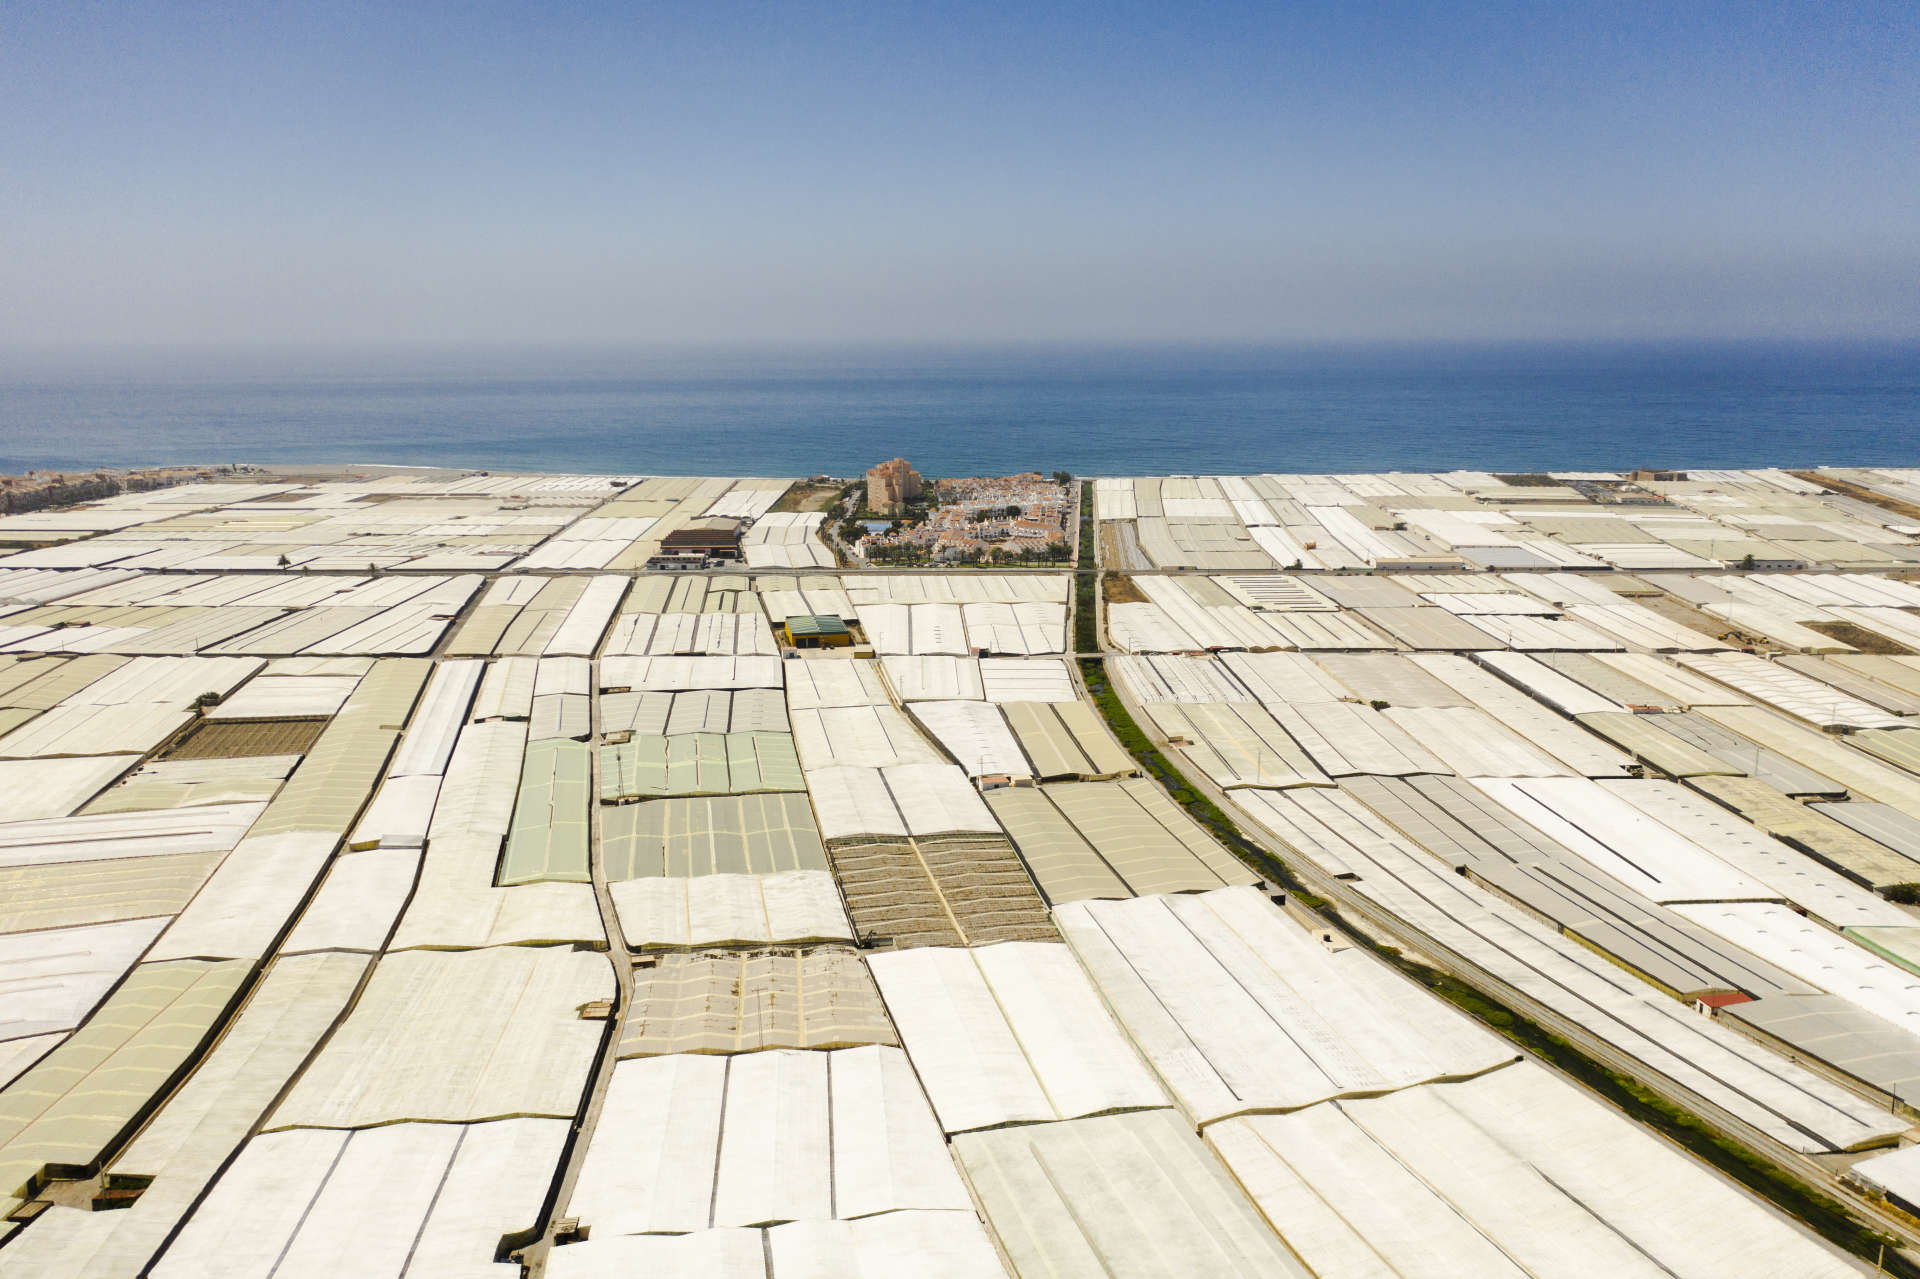 Calahonda (Espagne), le 21 juin. Le village est encerclé par des centaines de serres consacrées notamment à la culture de tomates.